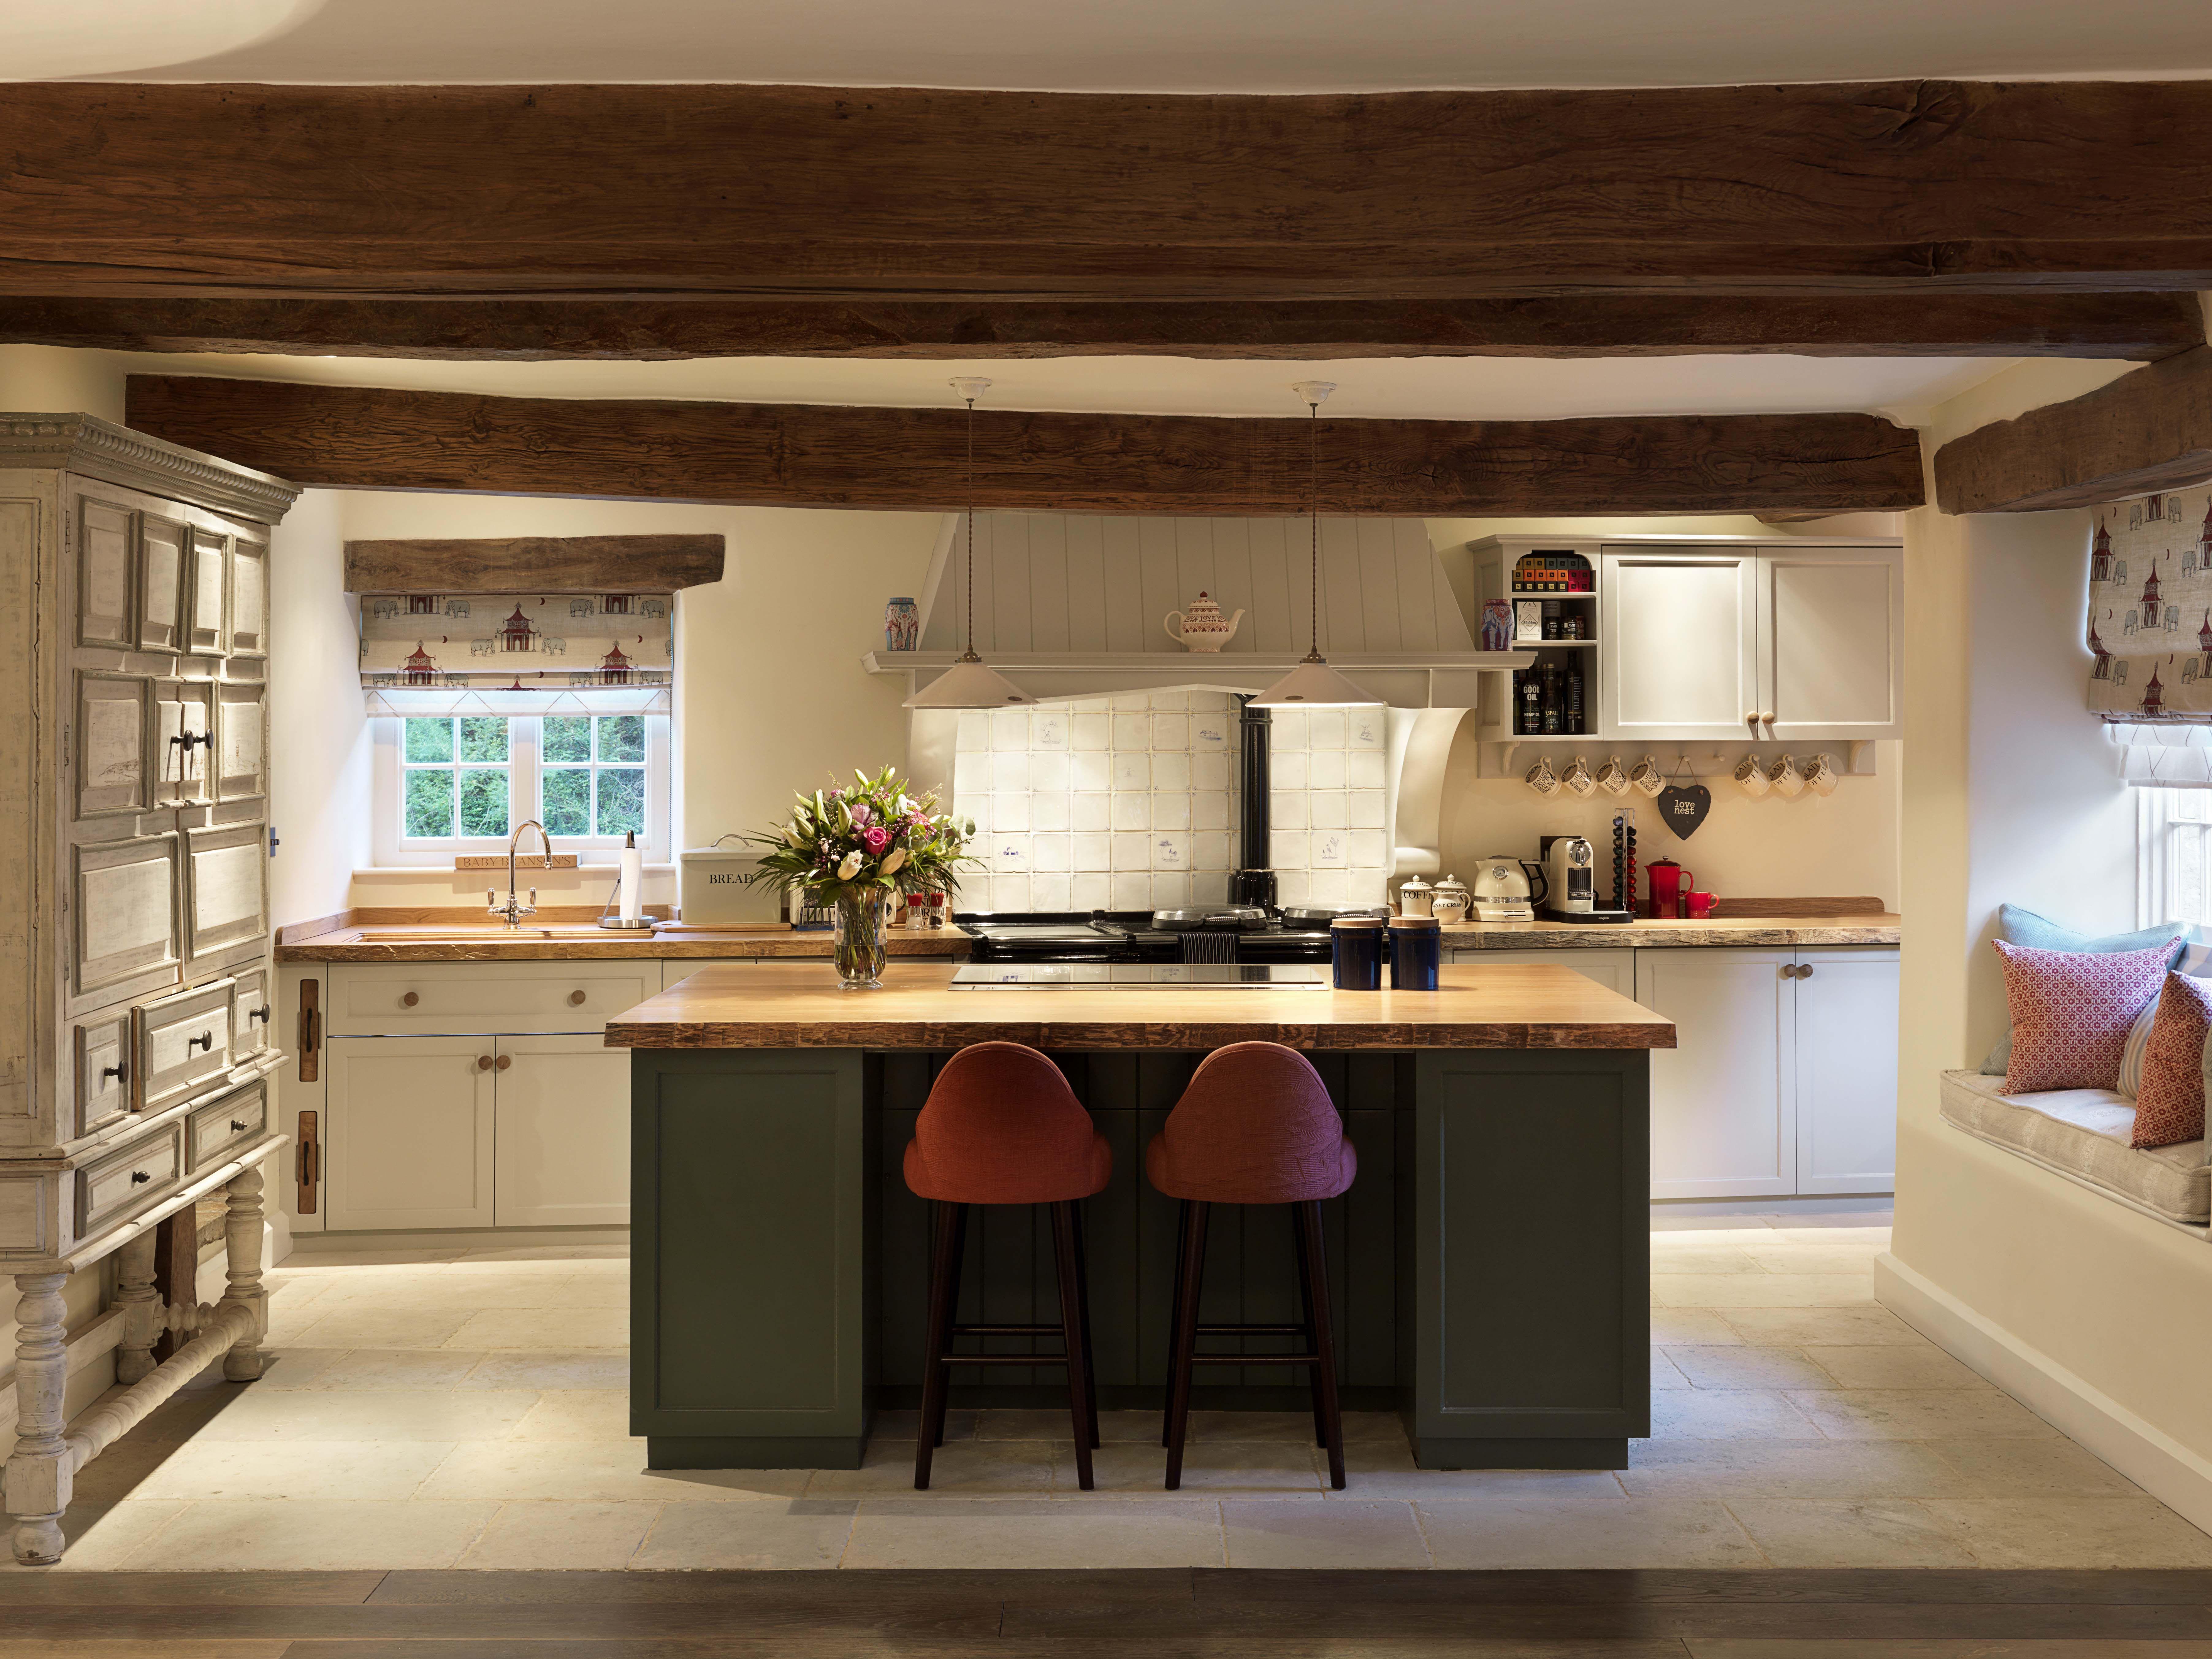 Cherwell House - Katharine Pooley Studio   KÜCHE & ESSEN   Pinterest ...